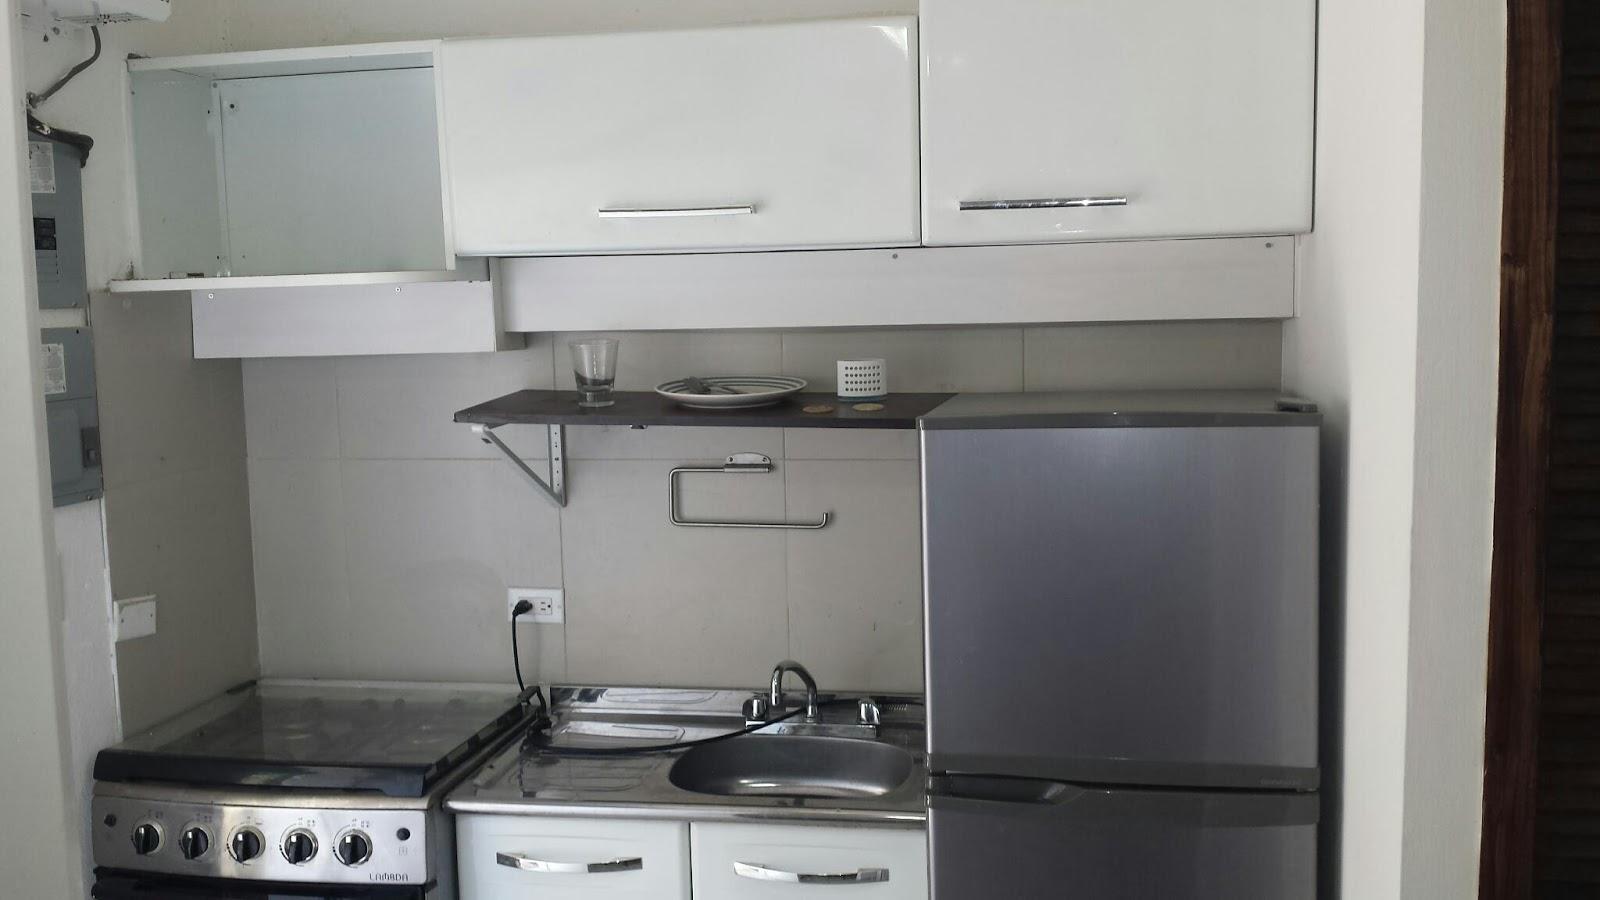 Studio meubl reimbold bourdon le courtier immobilier for Meuble casami haiti